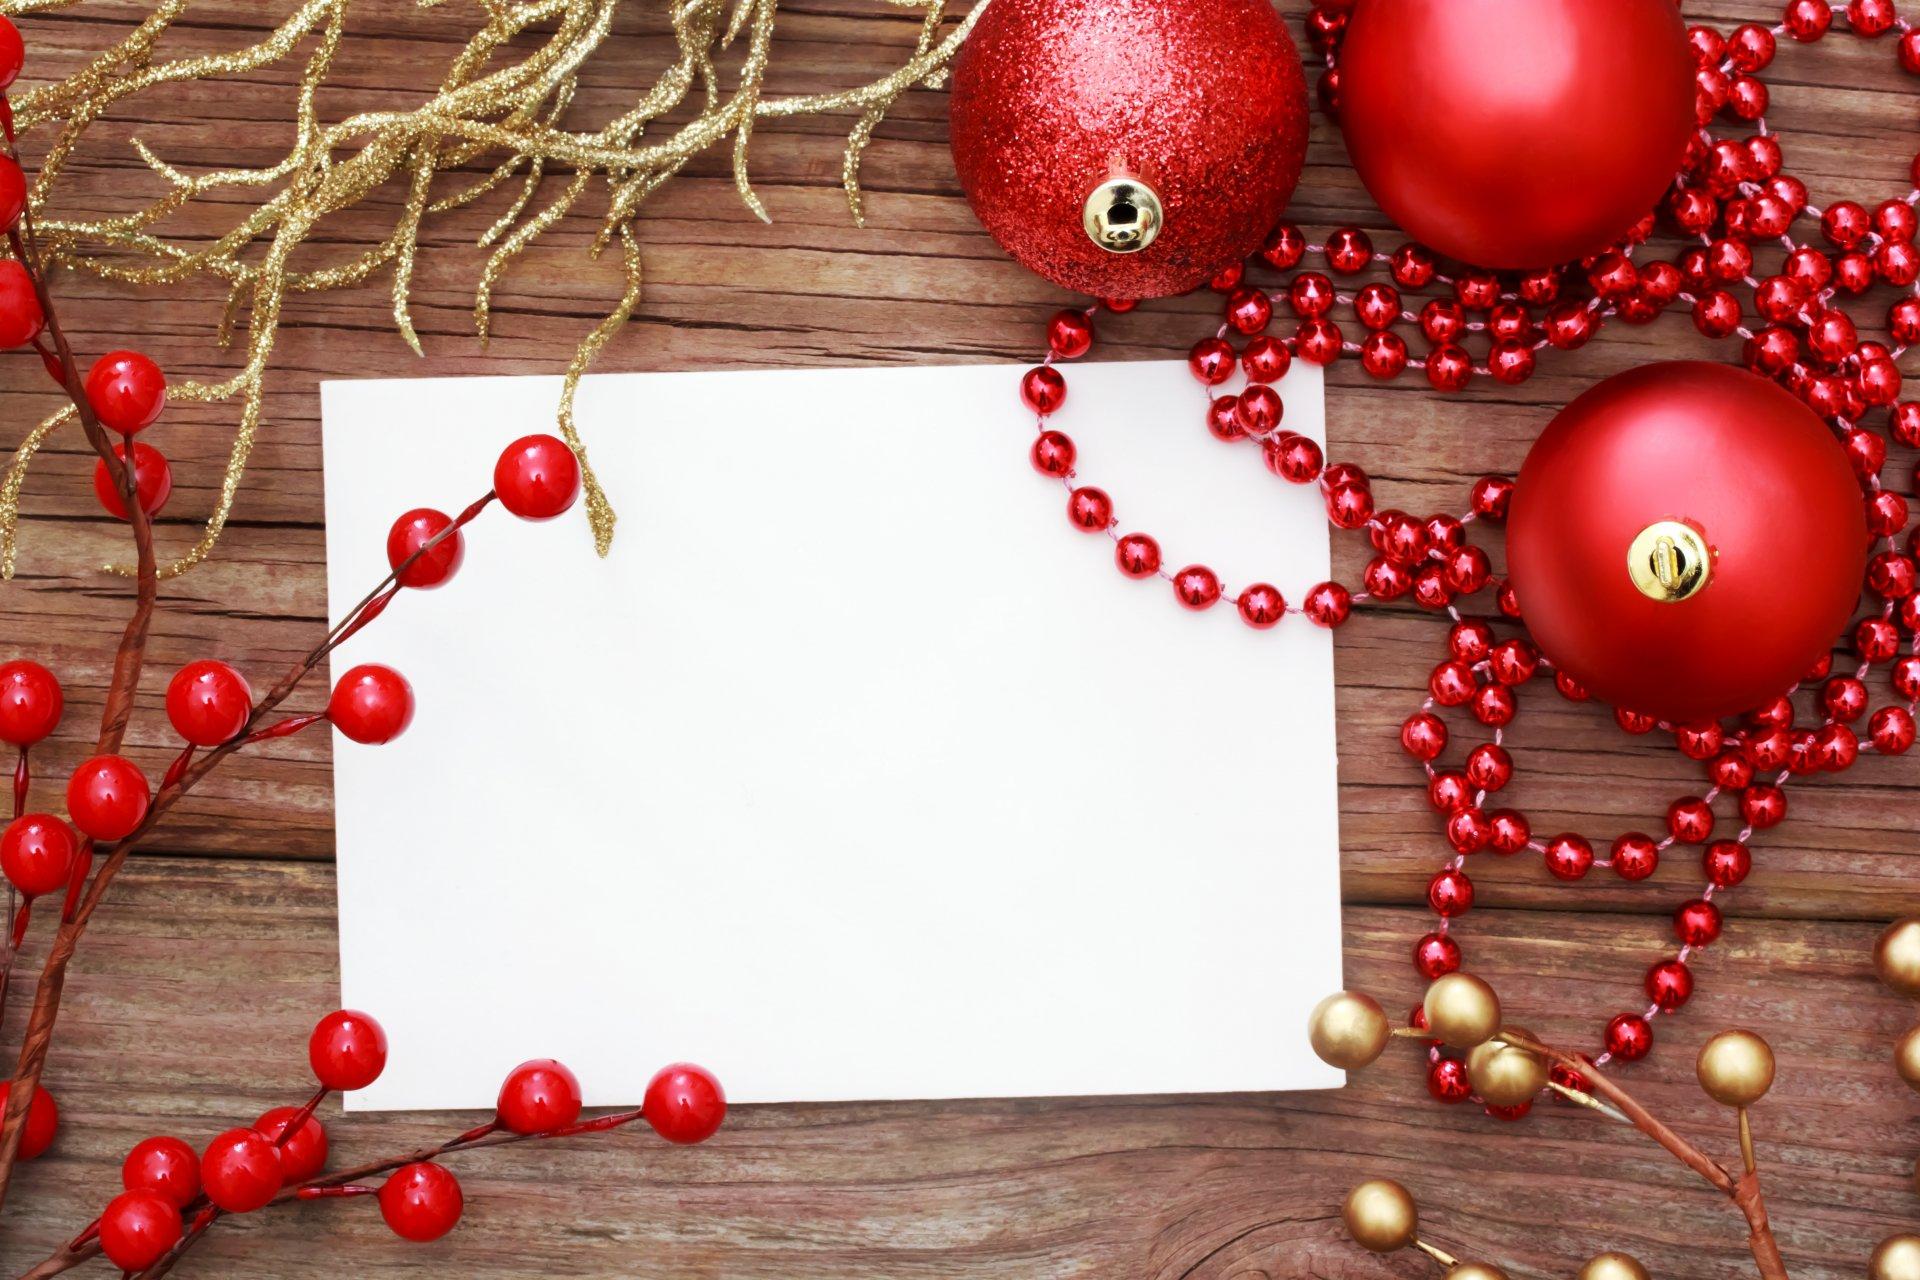 Открытка с новогодними украшениями